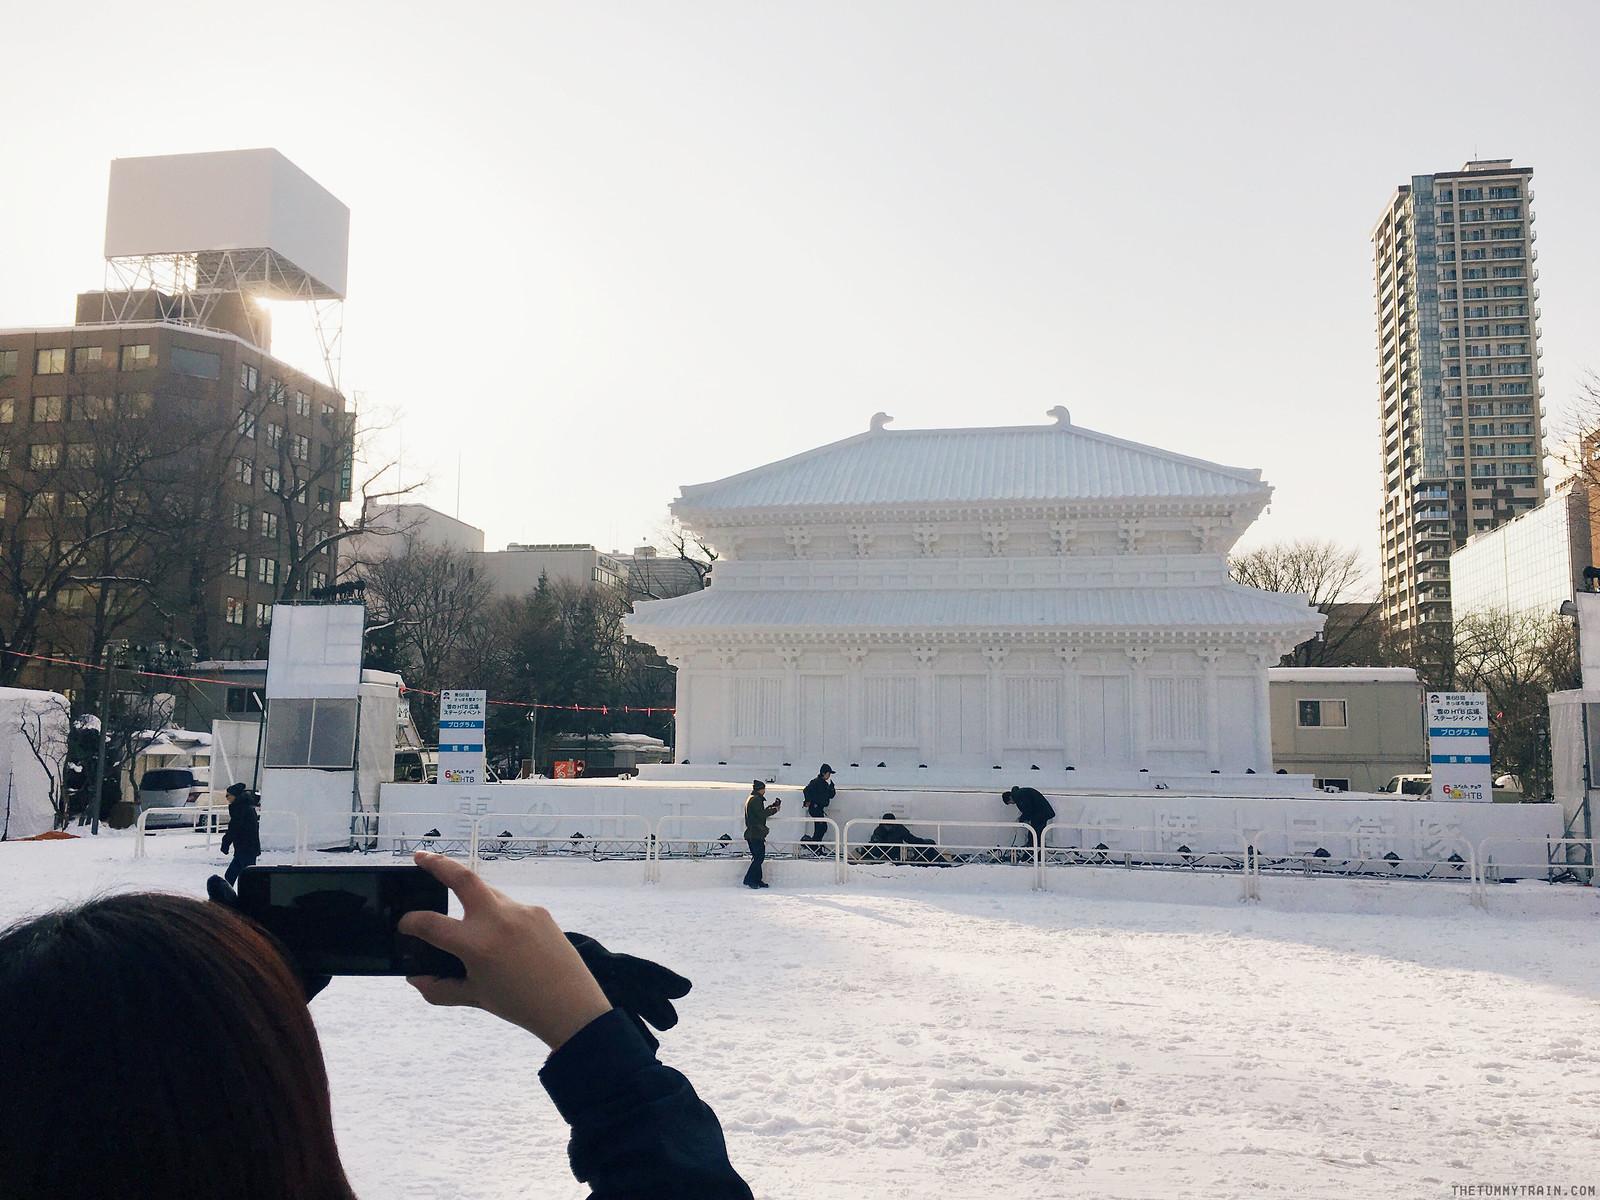 32917346245 c0508bf45e h - Sapporo Snow And Smile: 8 Unforgettable Winter Experiences in Sapporo City